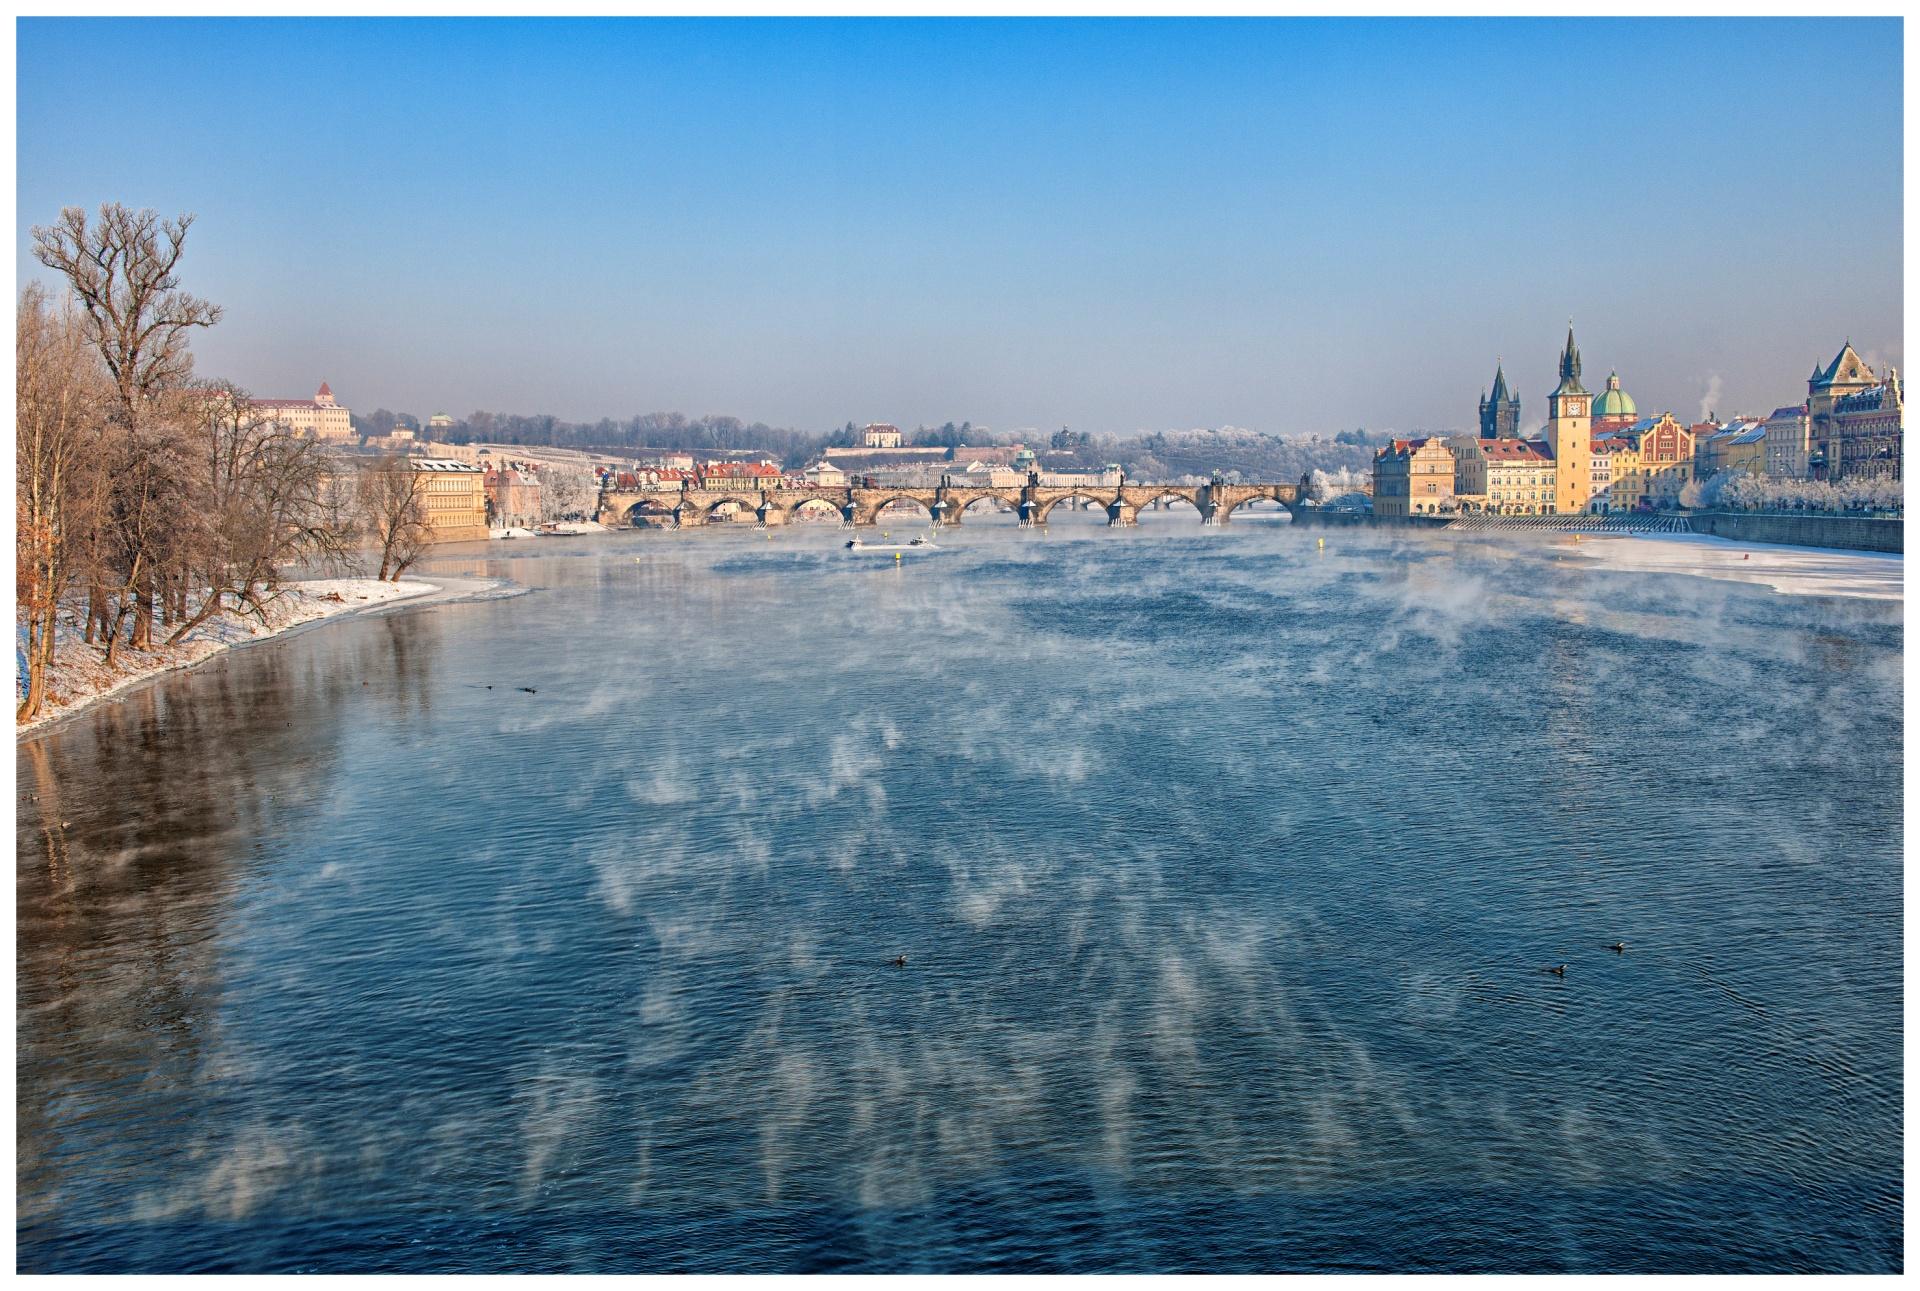 Pražské fragmenty/Prague Fragments © Stanislav Pokorný: Zimní ráno u Vltavy/Winter morning at Vltava River